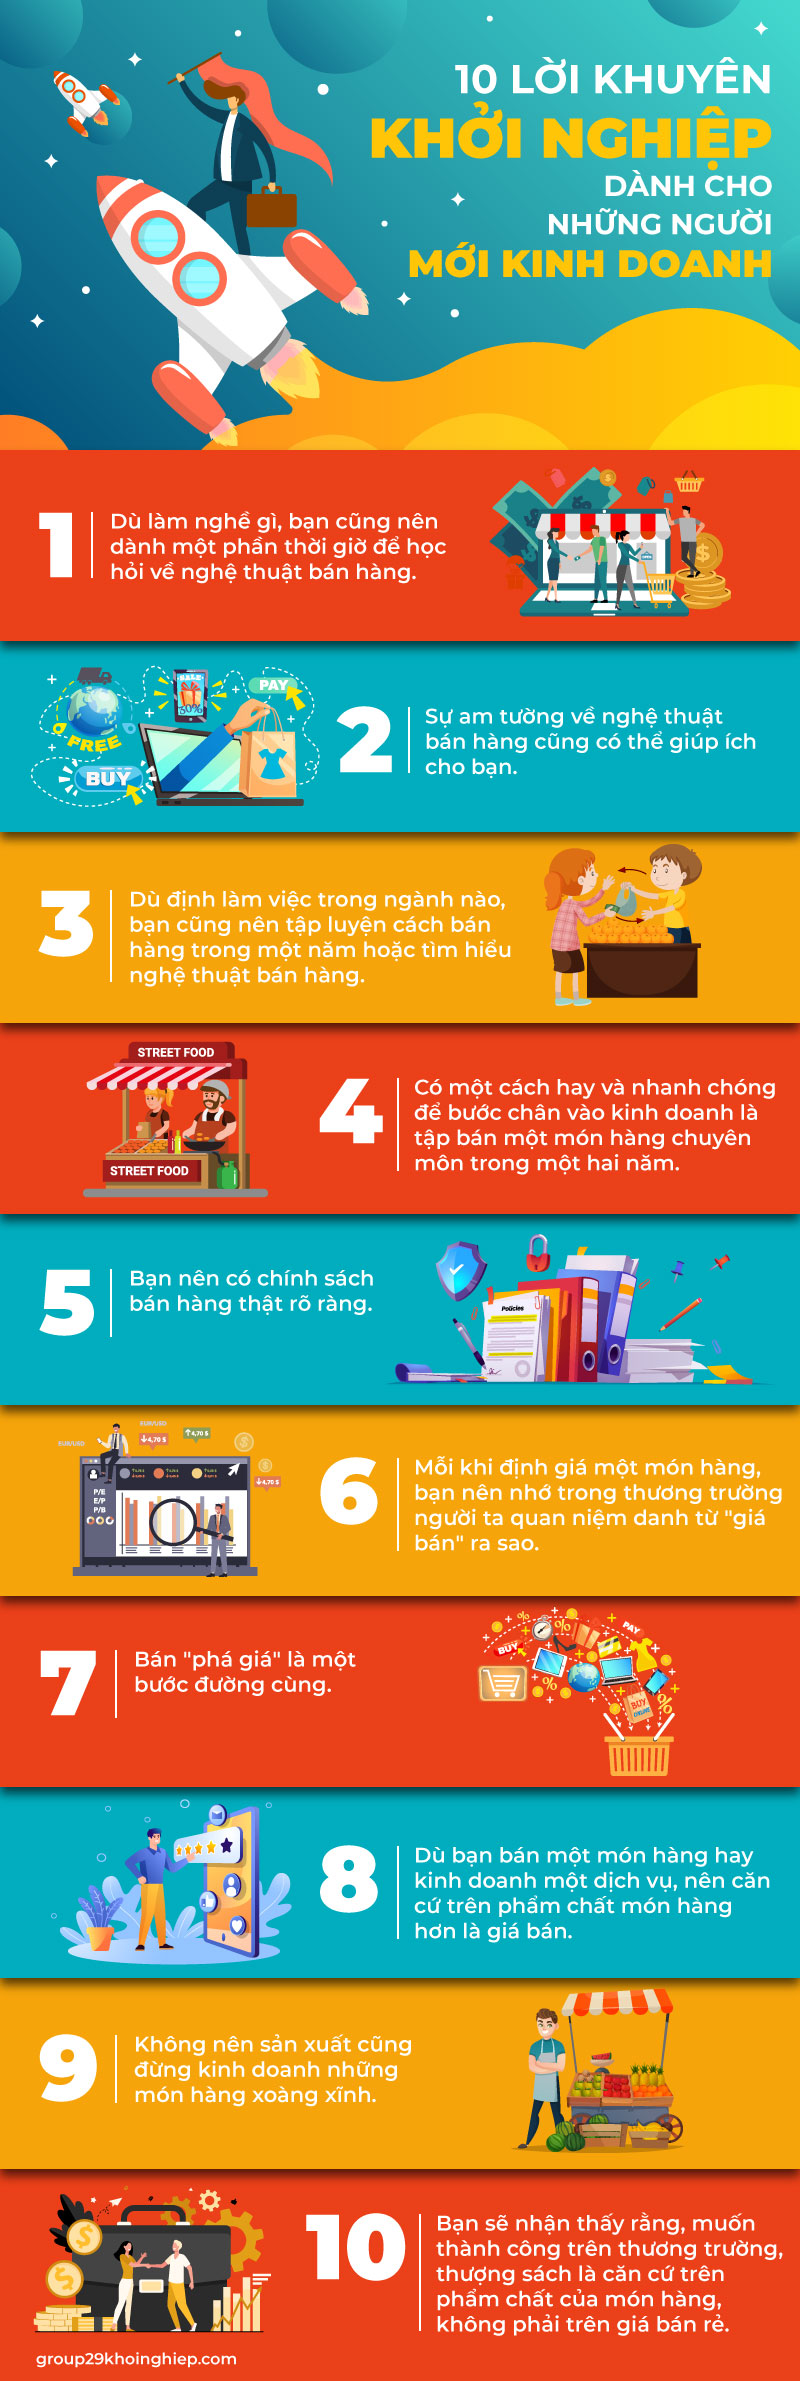 [Infographic] 10 lời khuyên khởi nghiệp dành cho những người mới kinh doanh